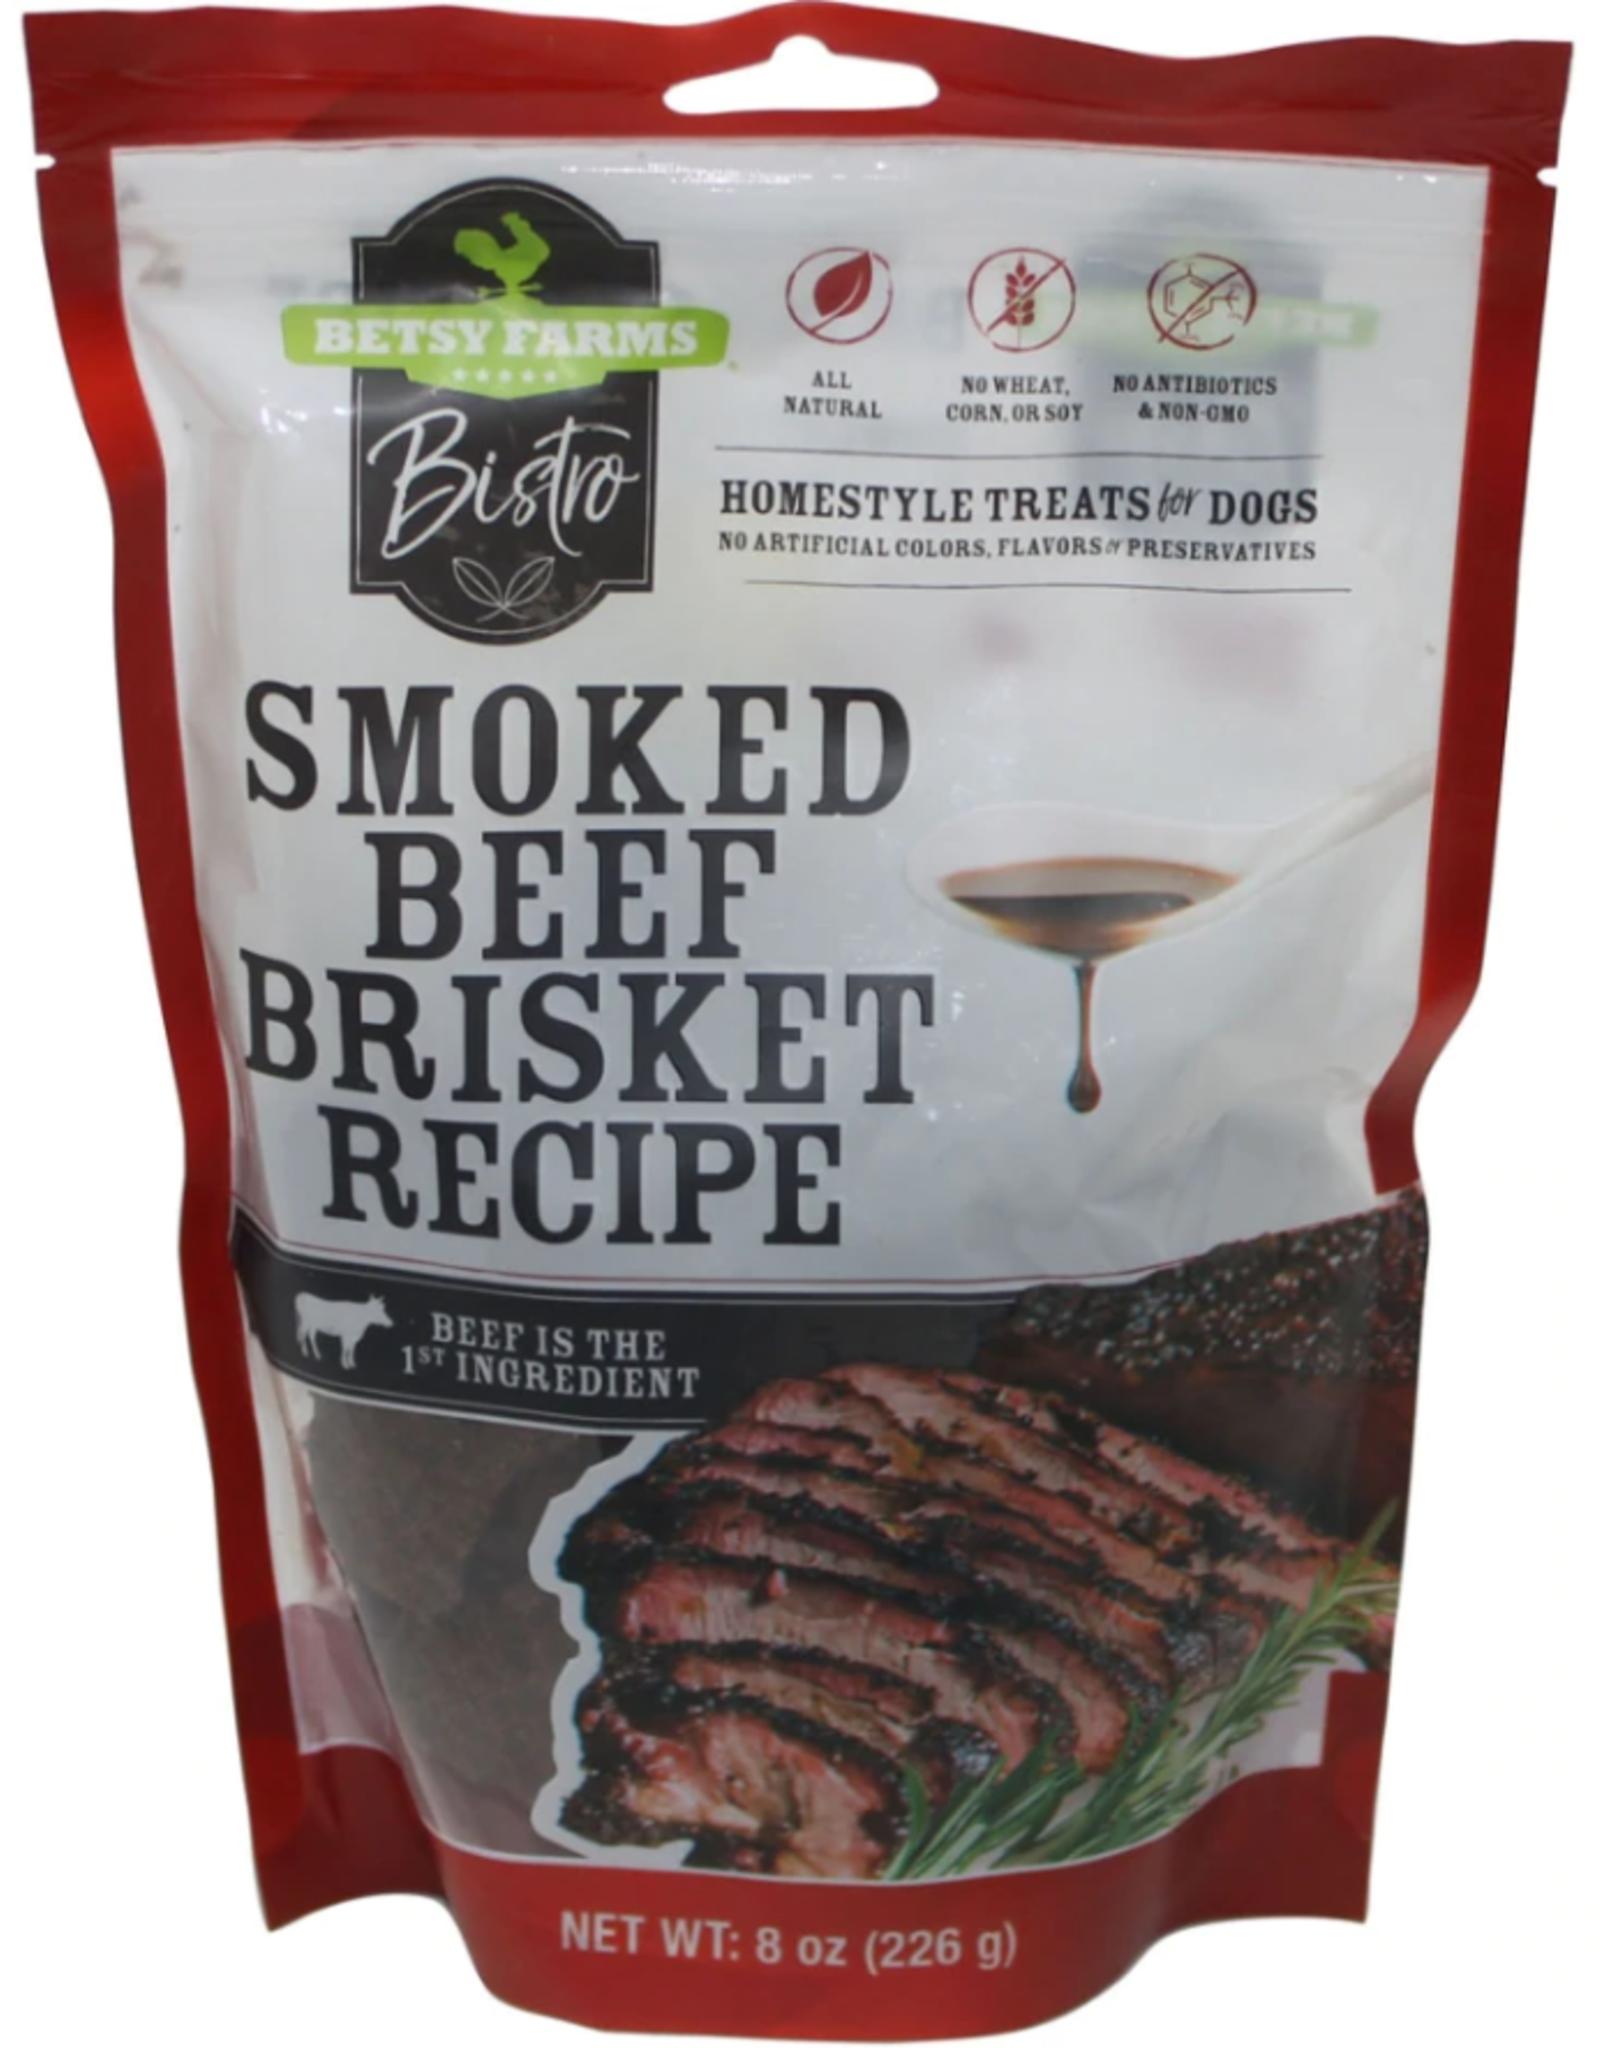 BETSY FARM BISTRO SMOKED BEEF BRISKET 3OZ discontinued pvff